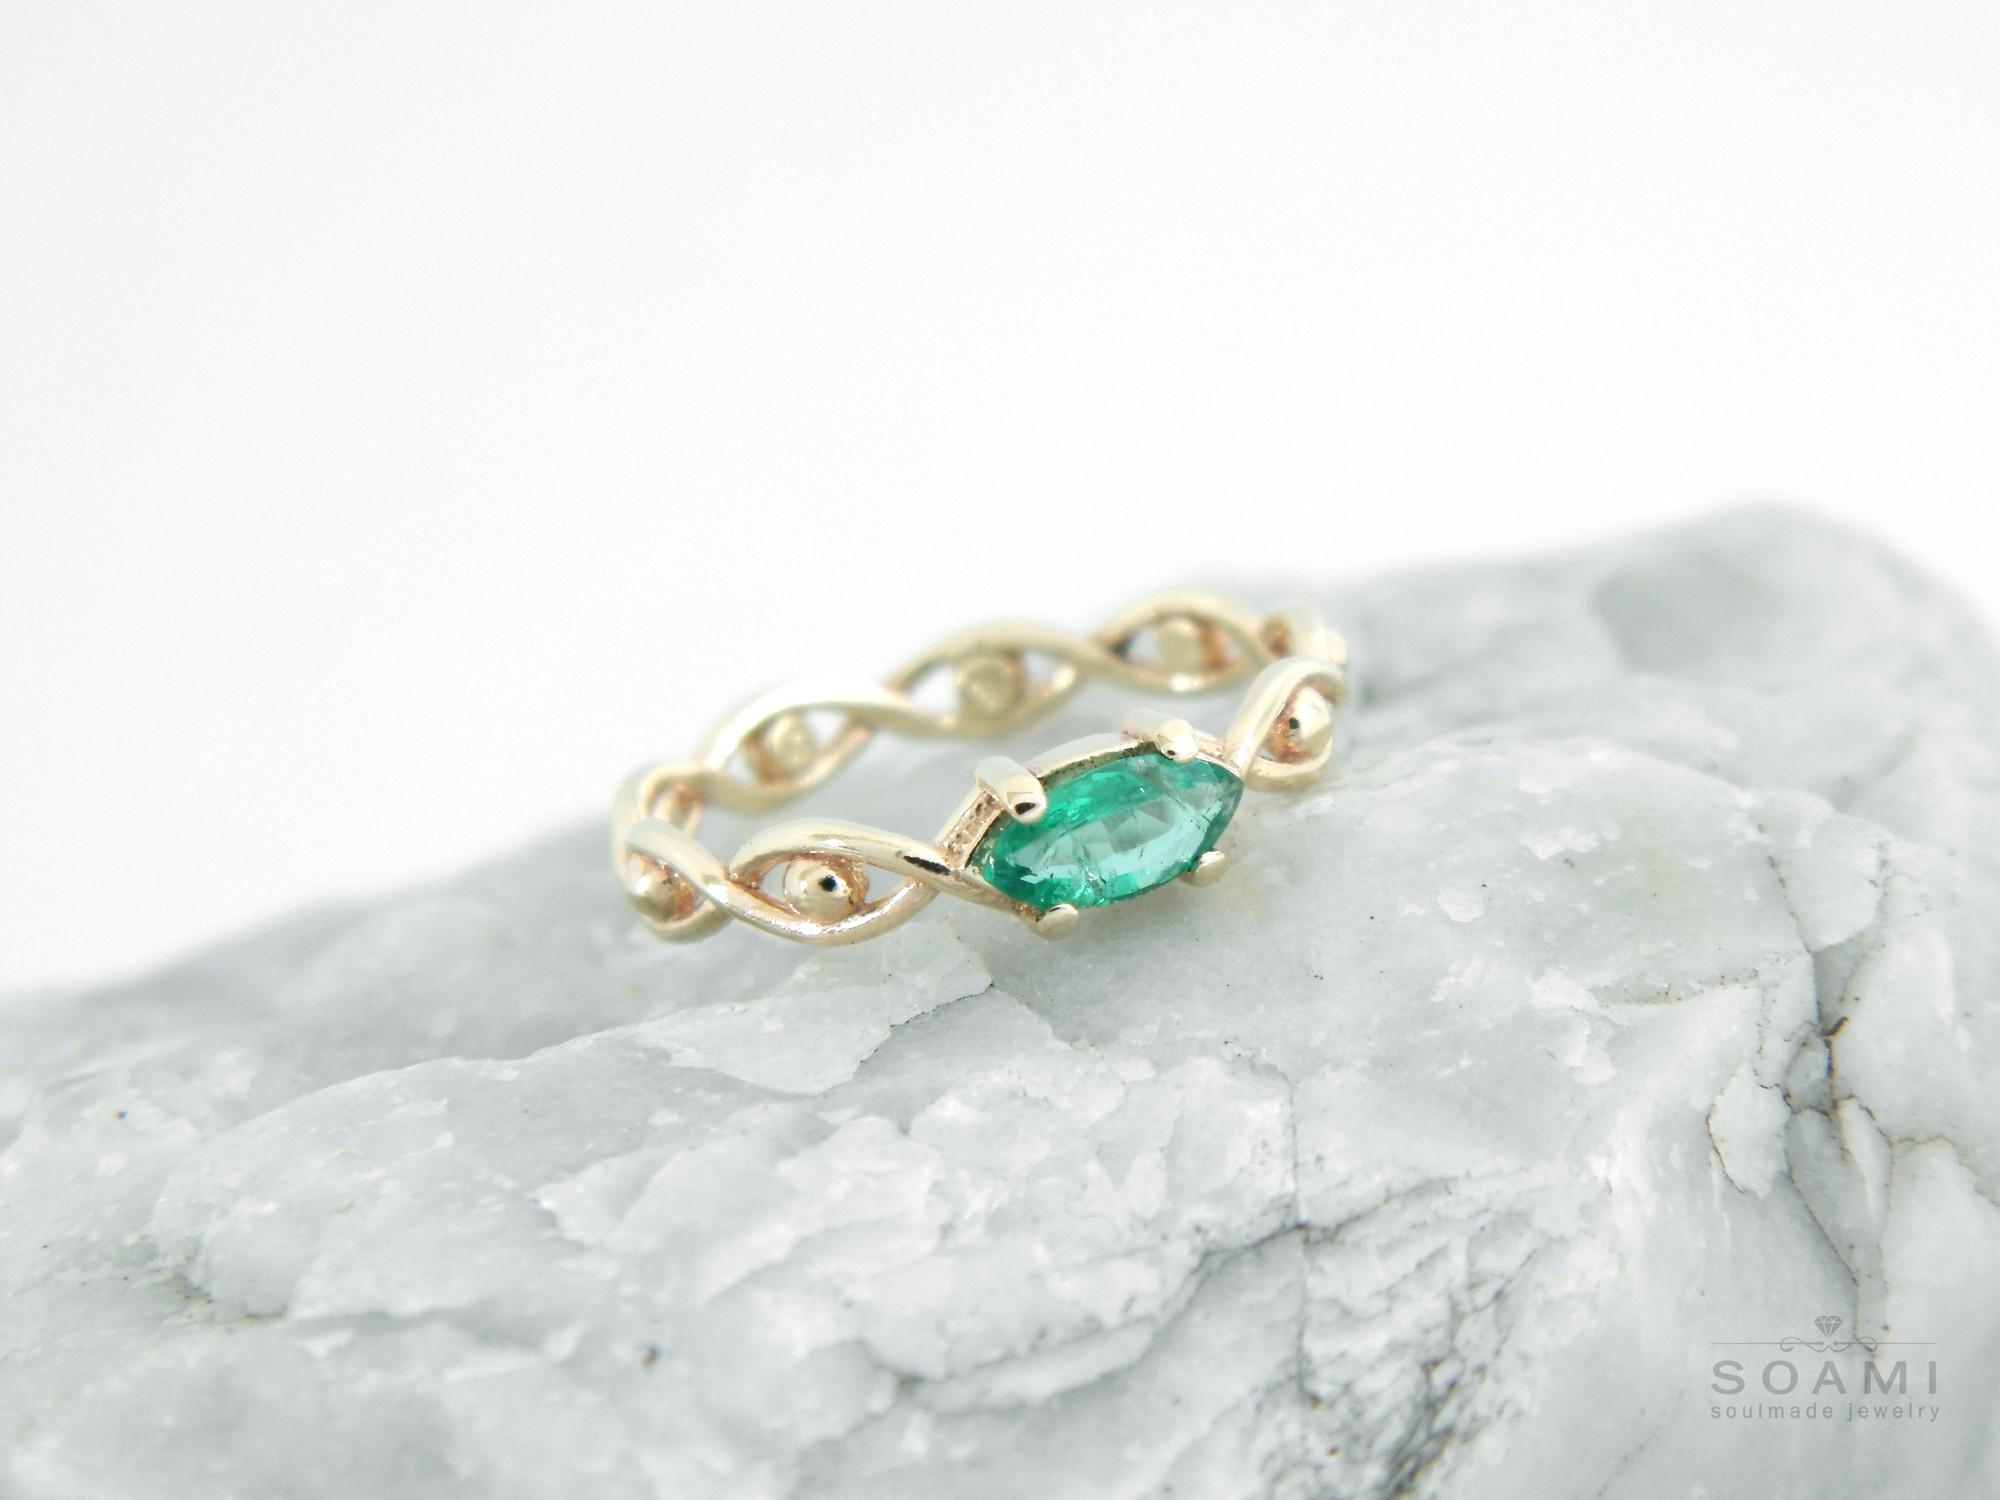 zlatý prsten s přírodním smaragdem Oko, žluté zlato 585